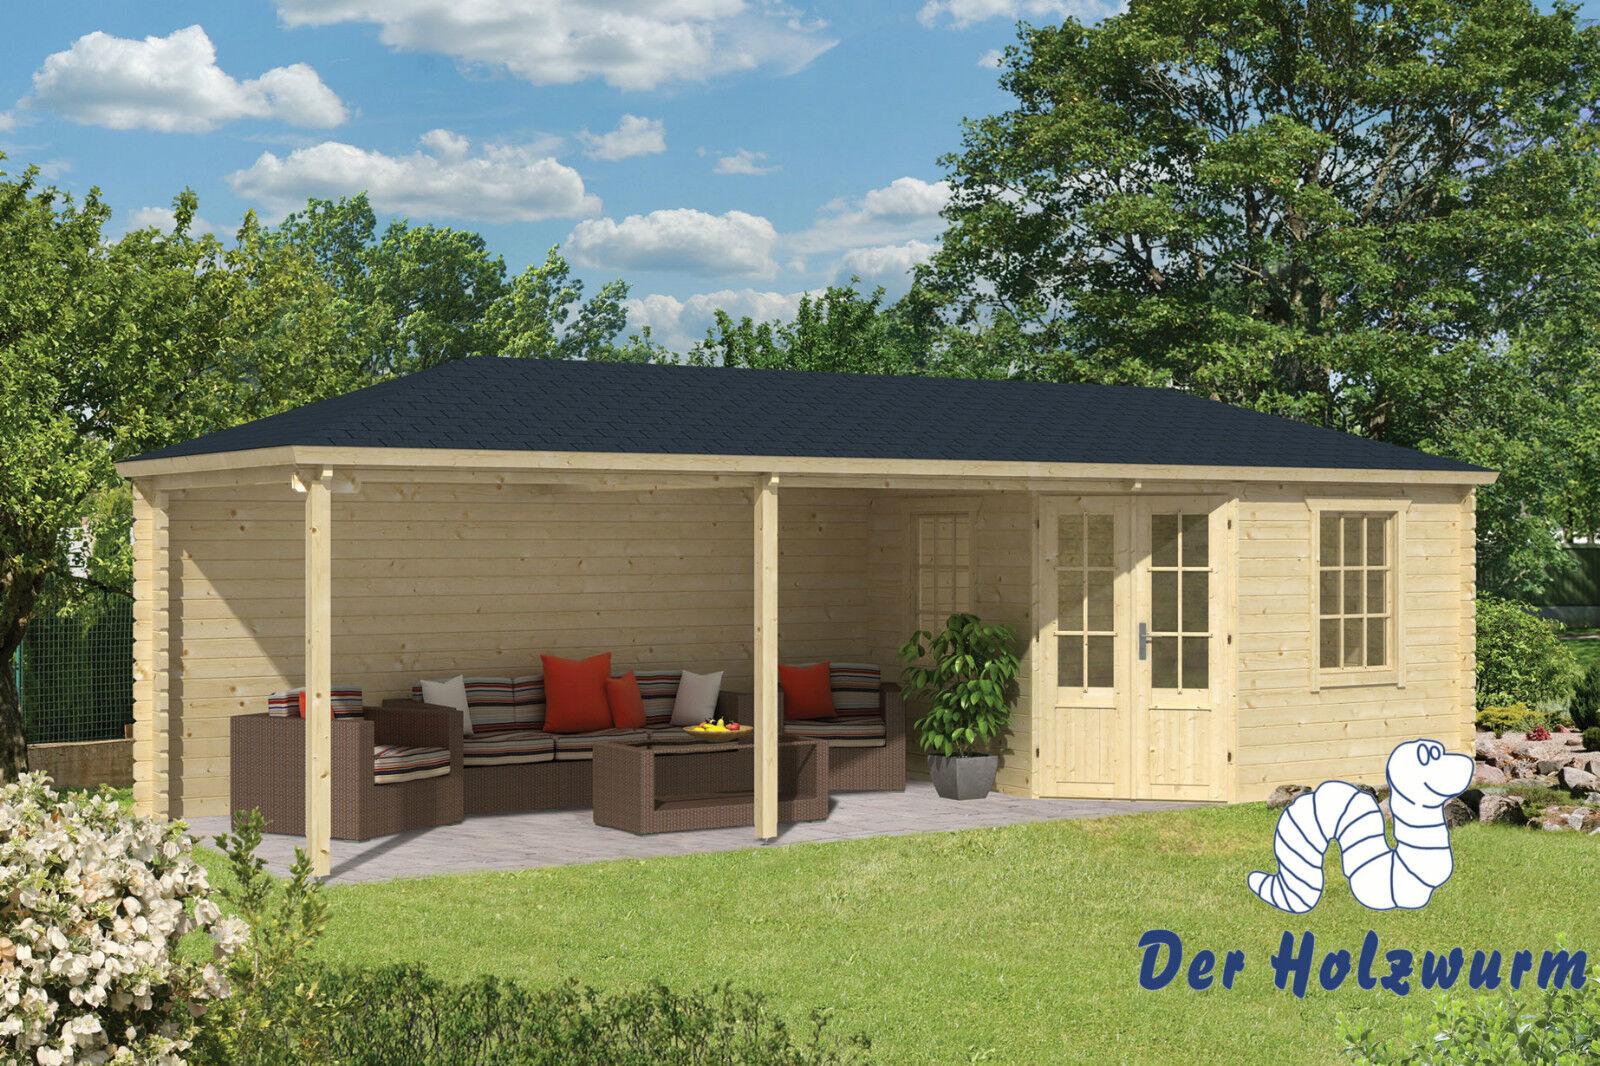 gartenhaus bertil blockhaus 790x300cm holzhaus 45mm ger tehaus unterstand neu ebay. Black Bedroom Furniture Sets. Home Design Ideas